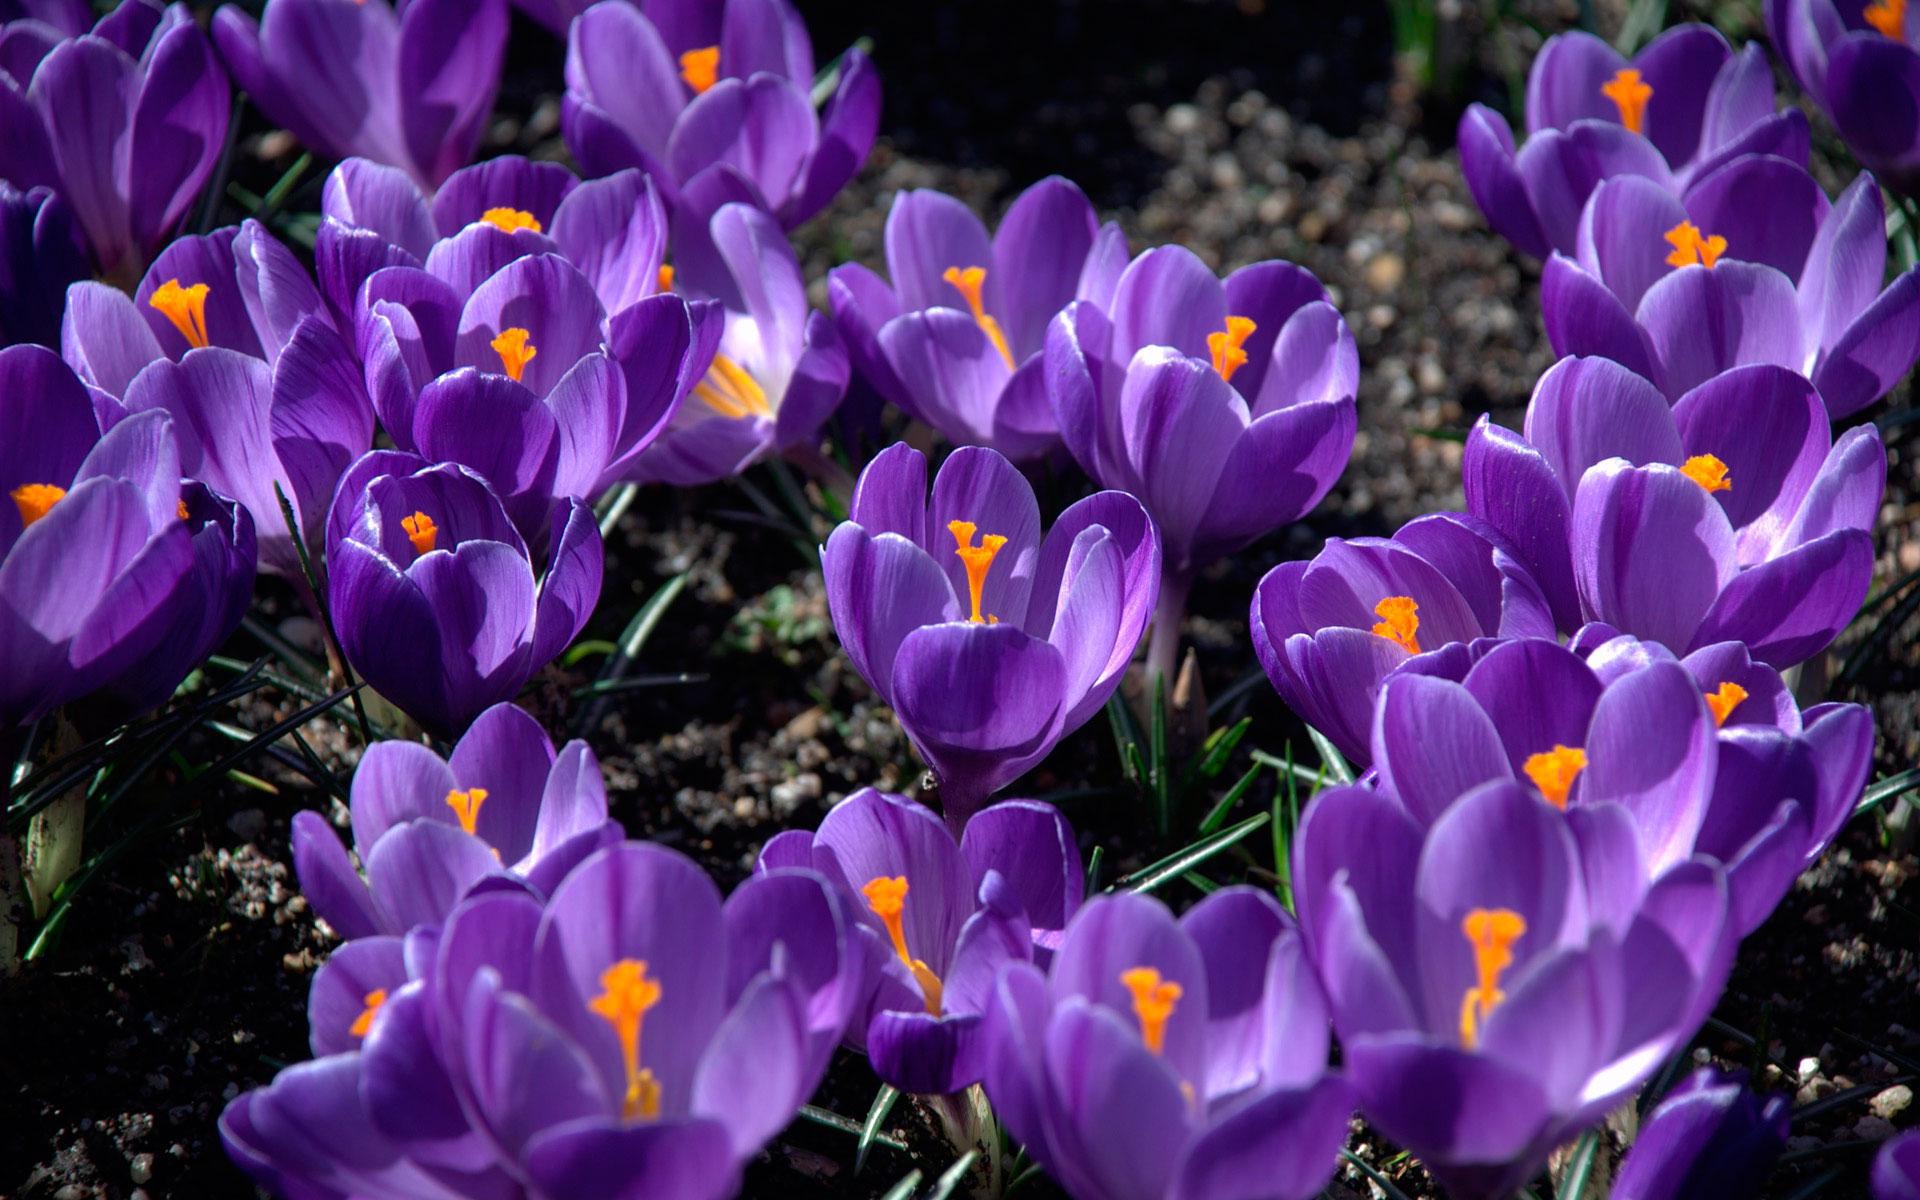 Обои аромат весны картинки фото обои